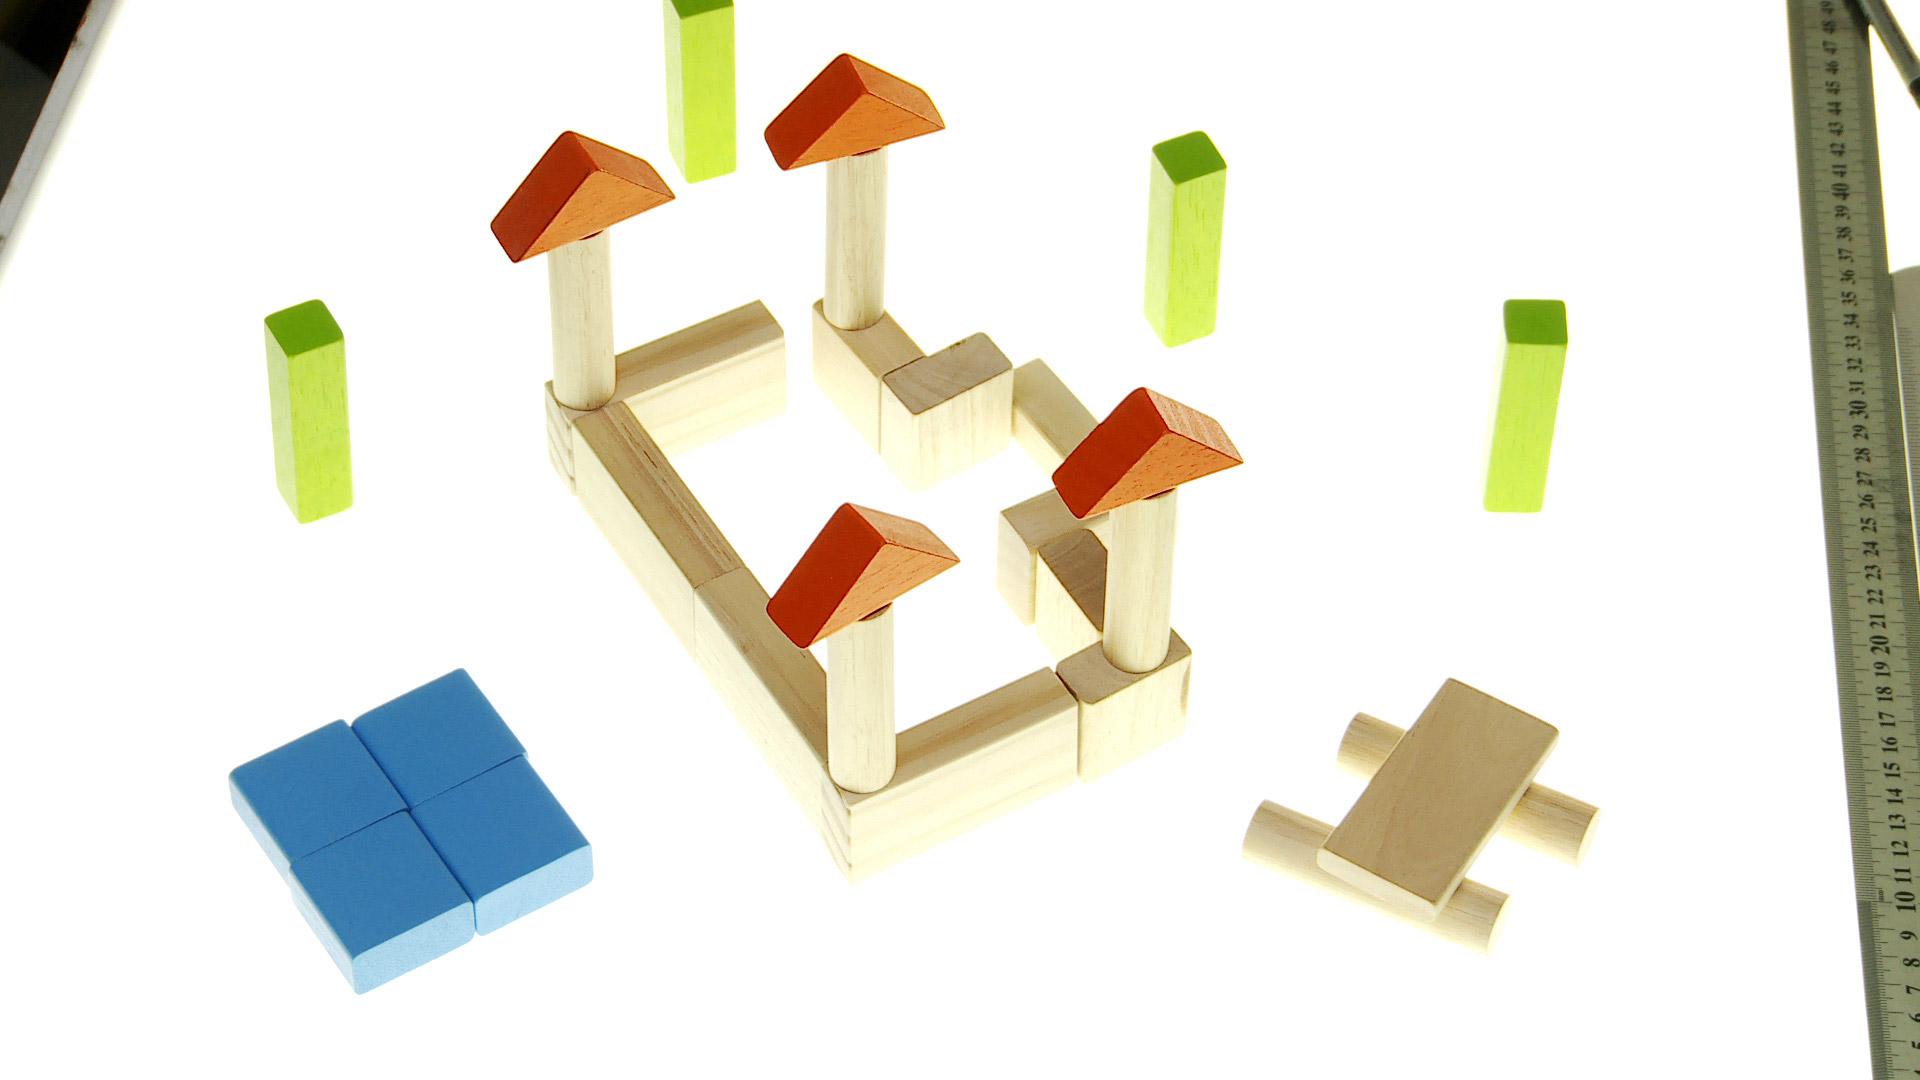 Con bloques y figuras geométricas de madera se pueden hacer juegos muy entretenidos para los niños, por ejemplo construir una ciudad, un puente, una gran torre, es como jugar a ser un pequeño constructor.